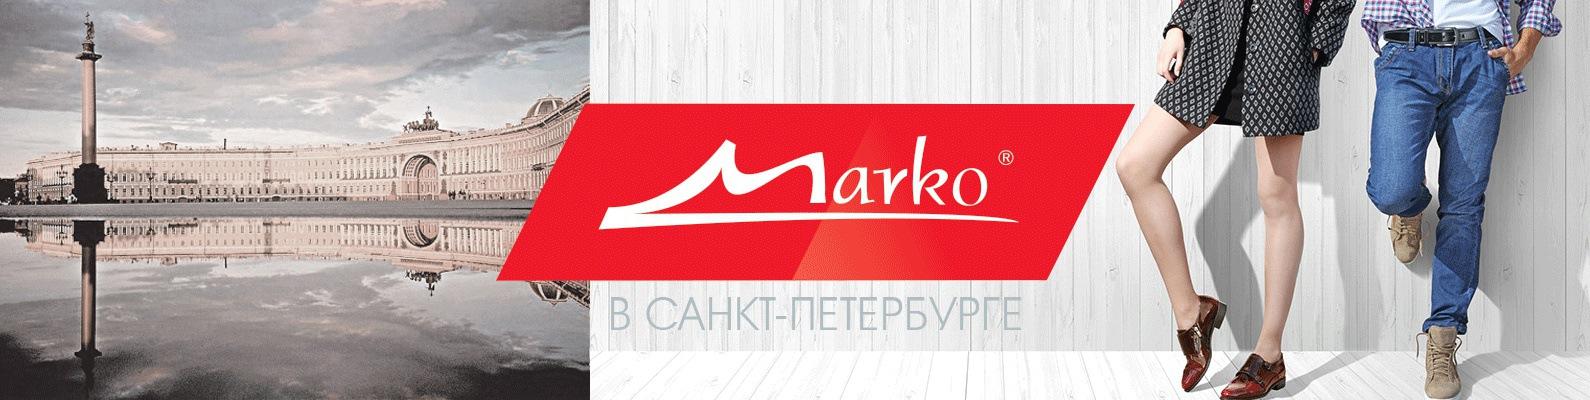 bc4d66fbb877 МАРКО ОБУВЬ Сеть магазинов СПб   Обувь оптом   ВКонтакте